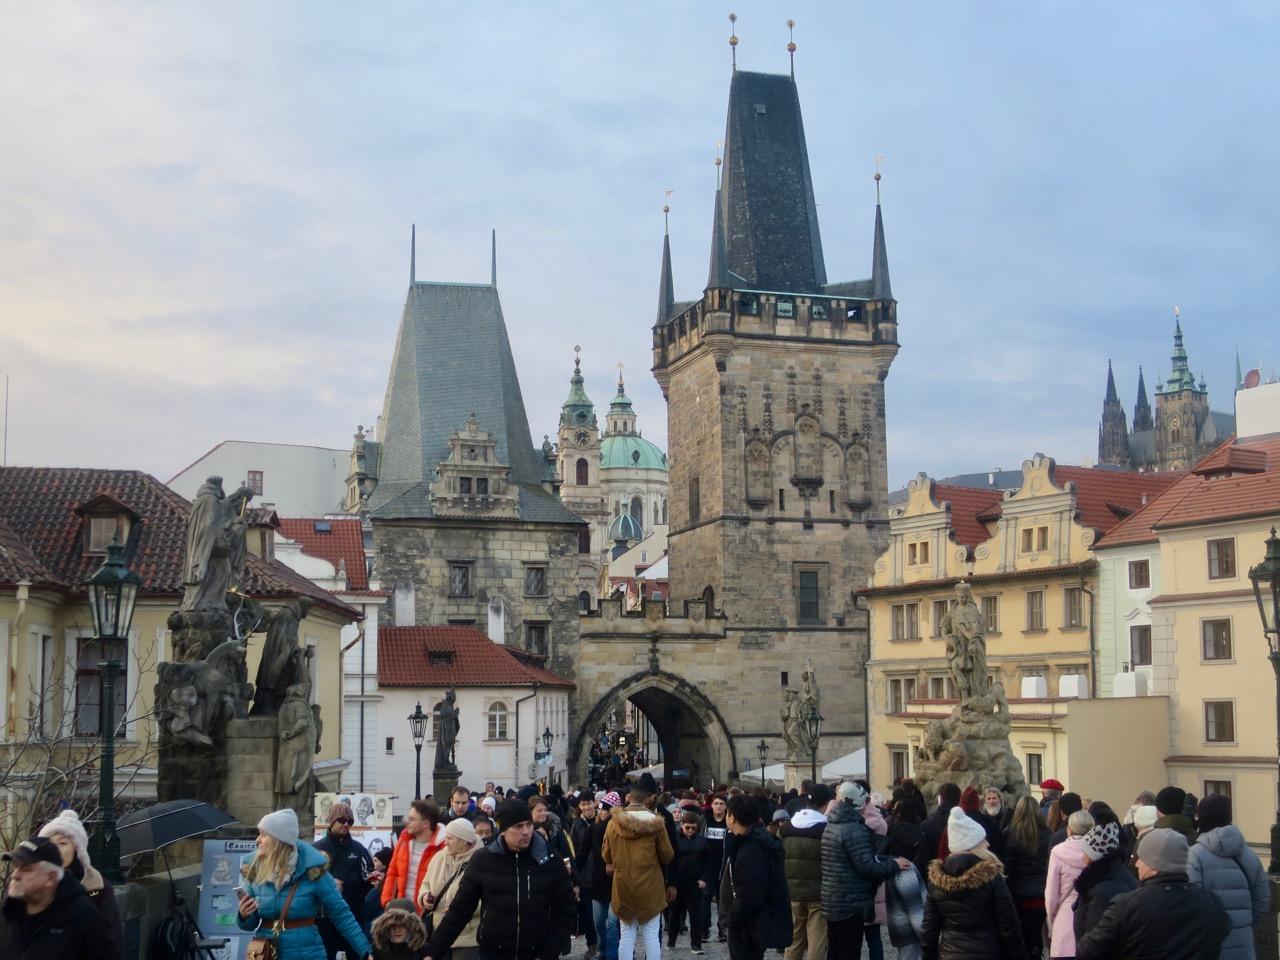 Imagem de Praga, Tchéquia